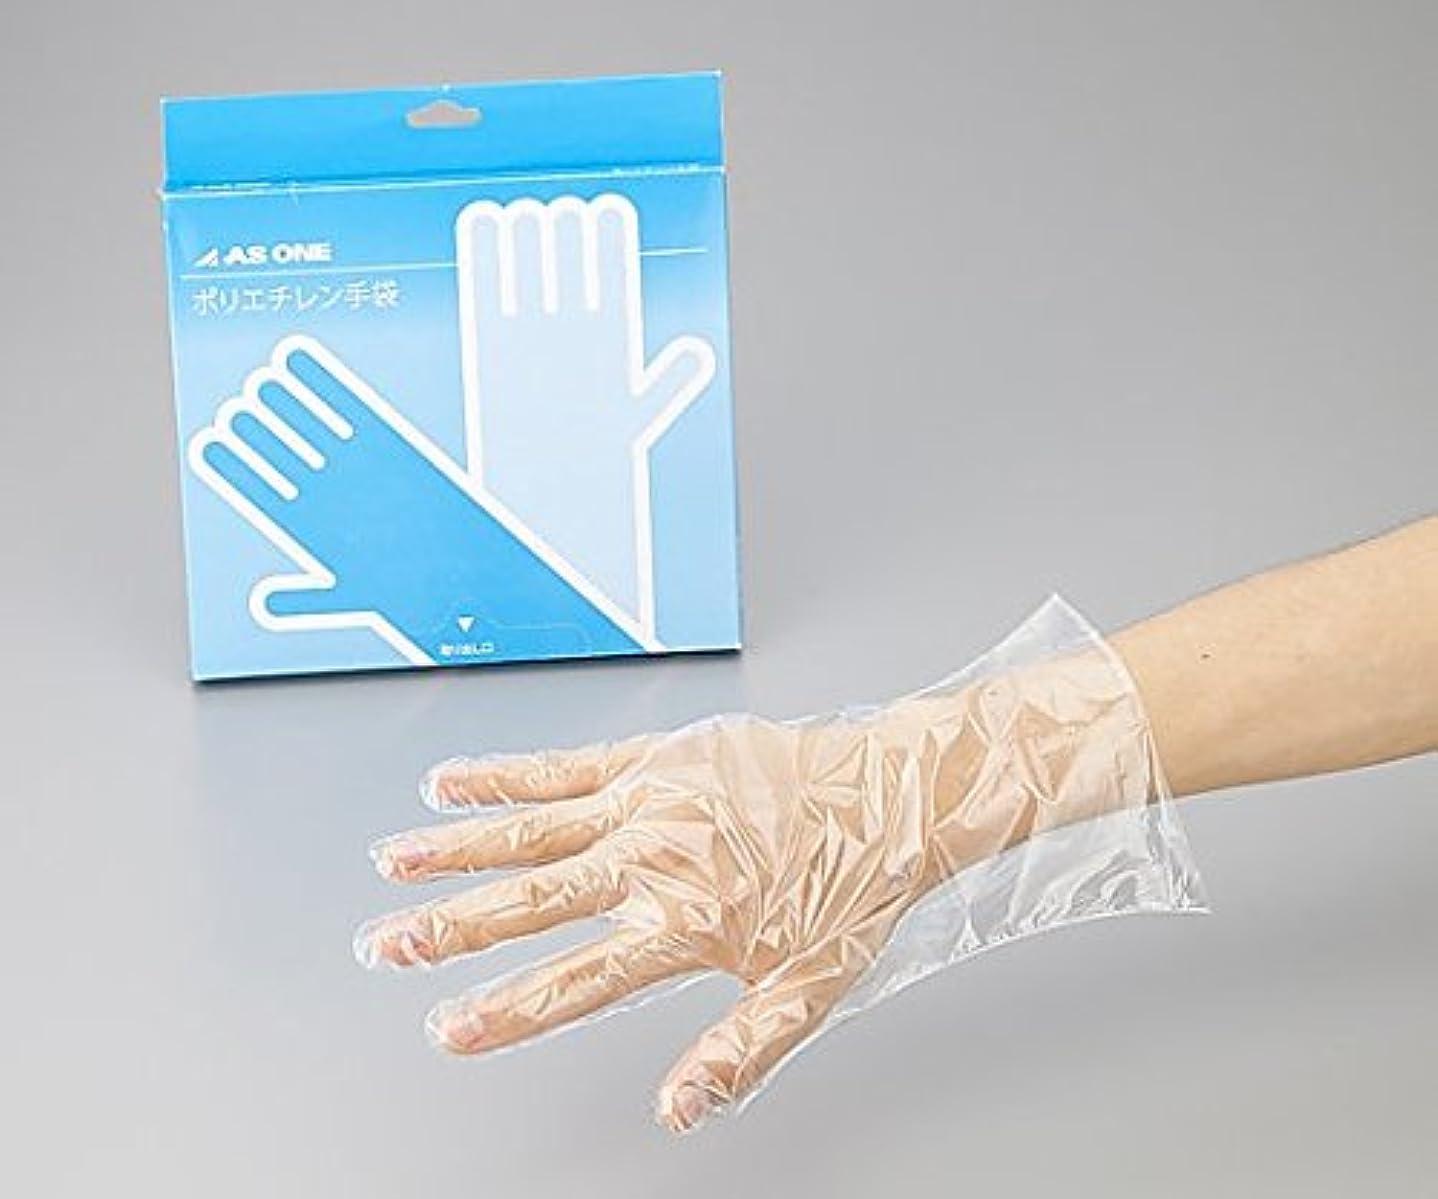 初心者キャンディー証明するアズワン2-4973-02ポリエチレン手袋スタンダード標準厚M100枚入